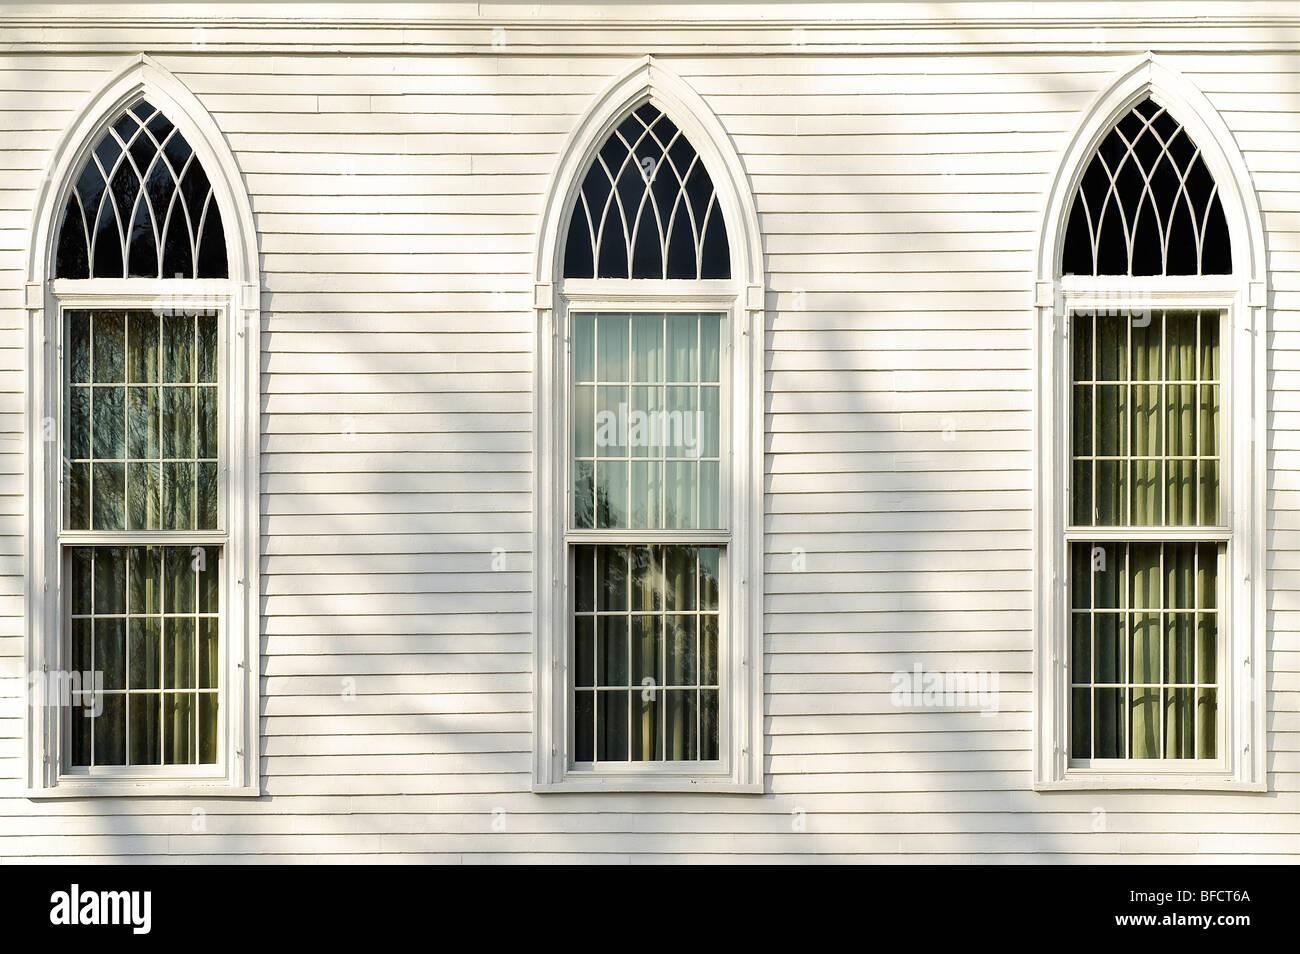 Detalle de la ventana de la Iglesia. Imagen De Stock